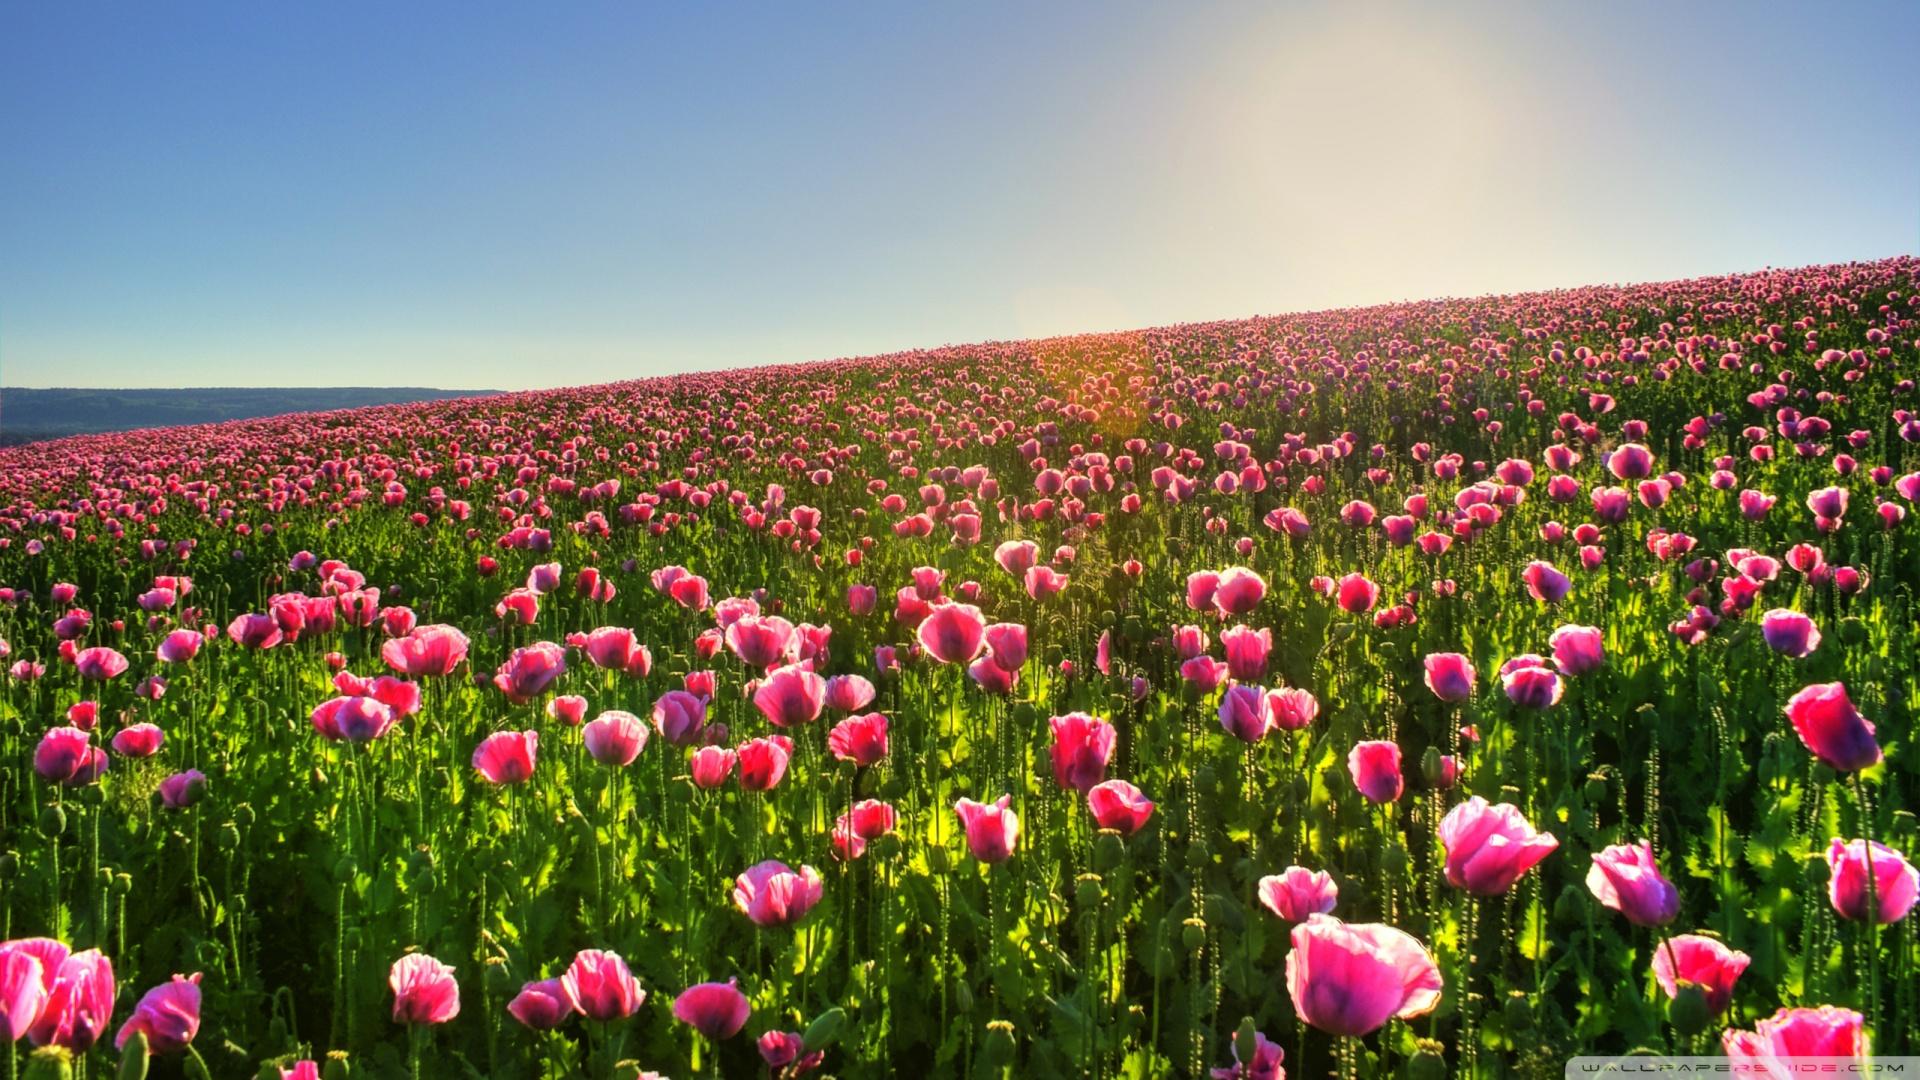 beautiful_flower_field-wallpaper-1920x1080